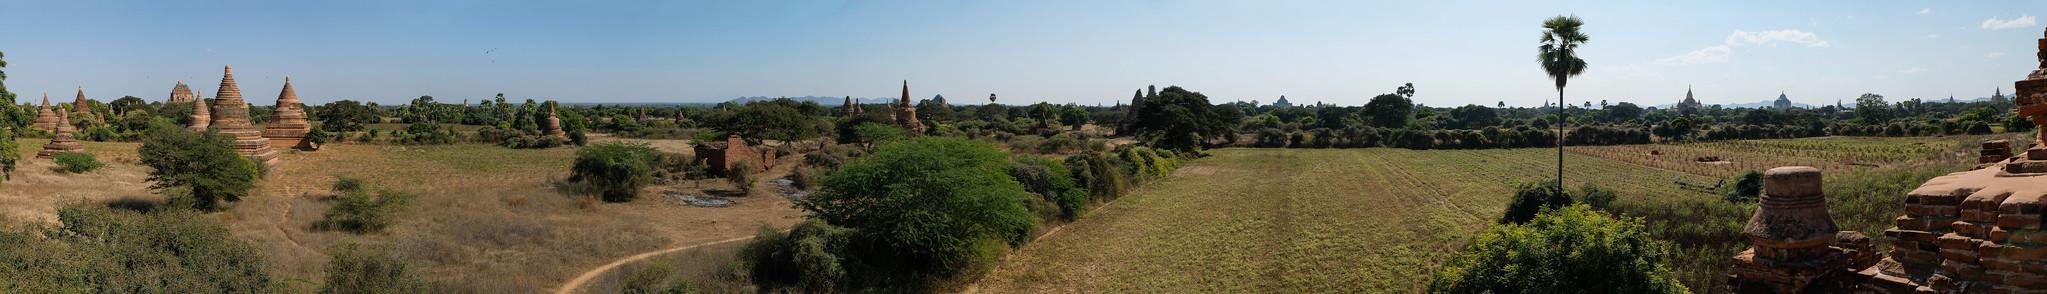 Pano_Bagan